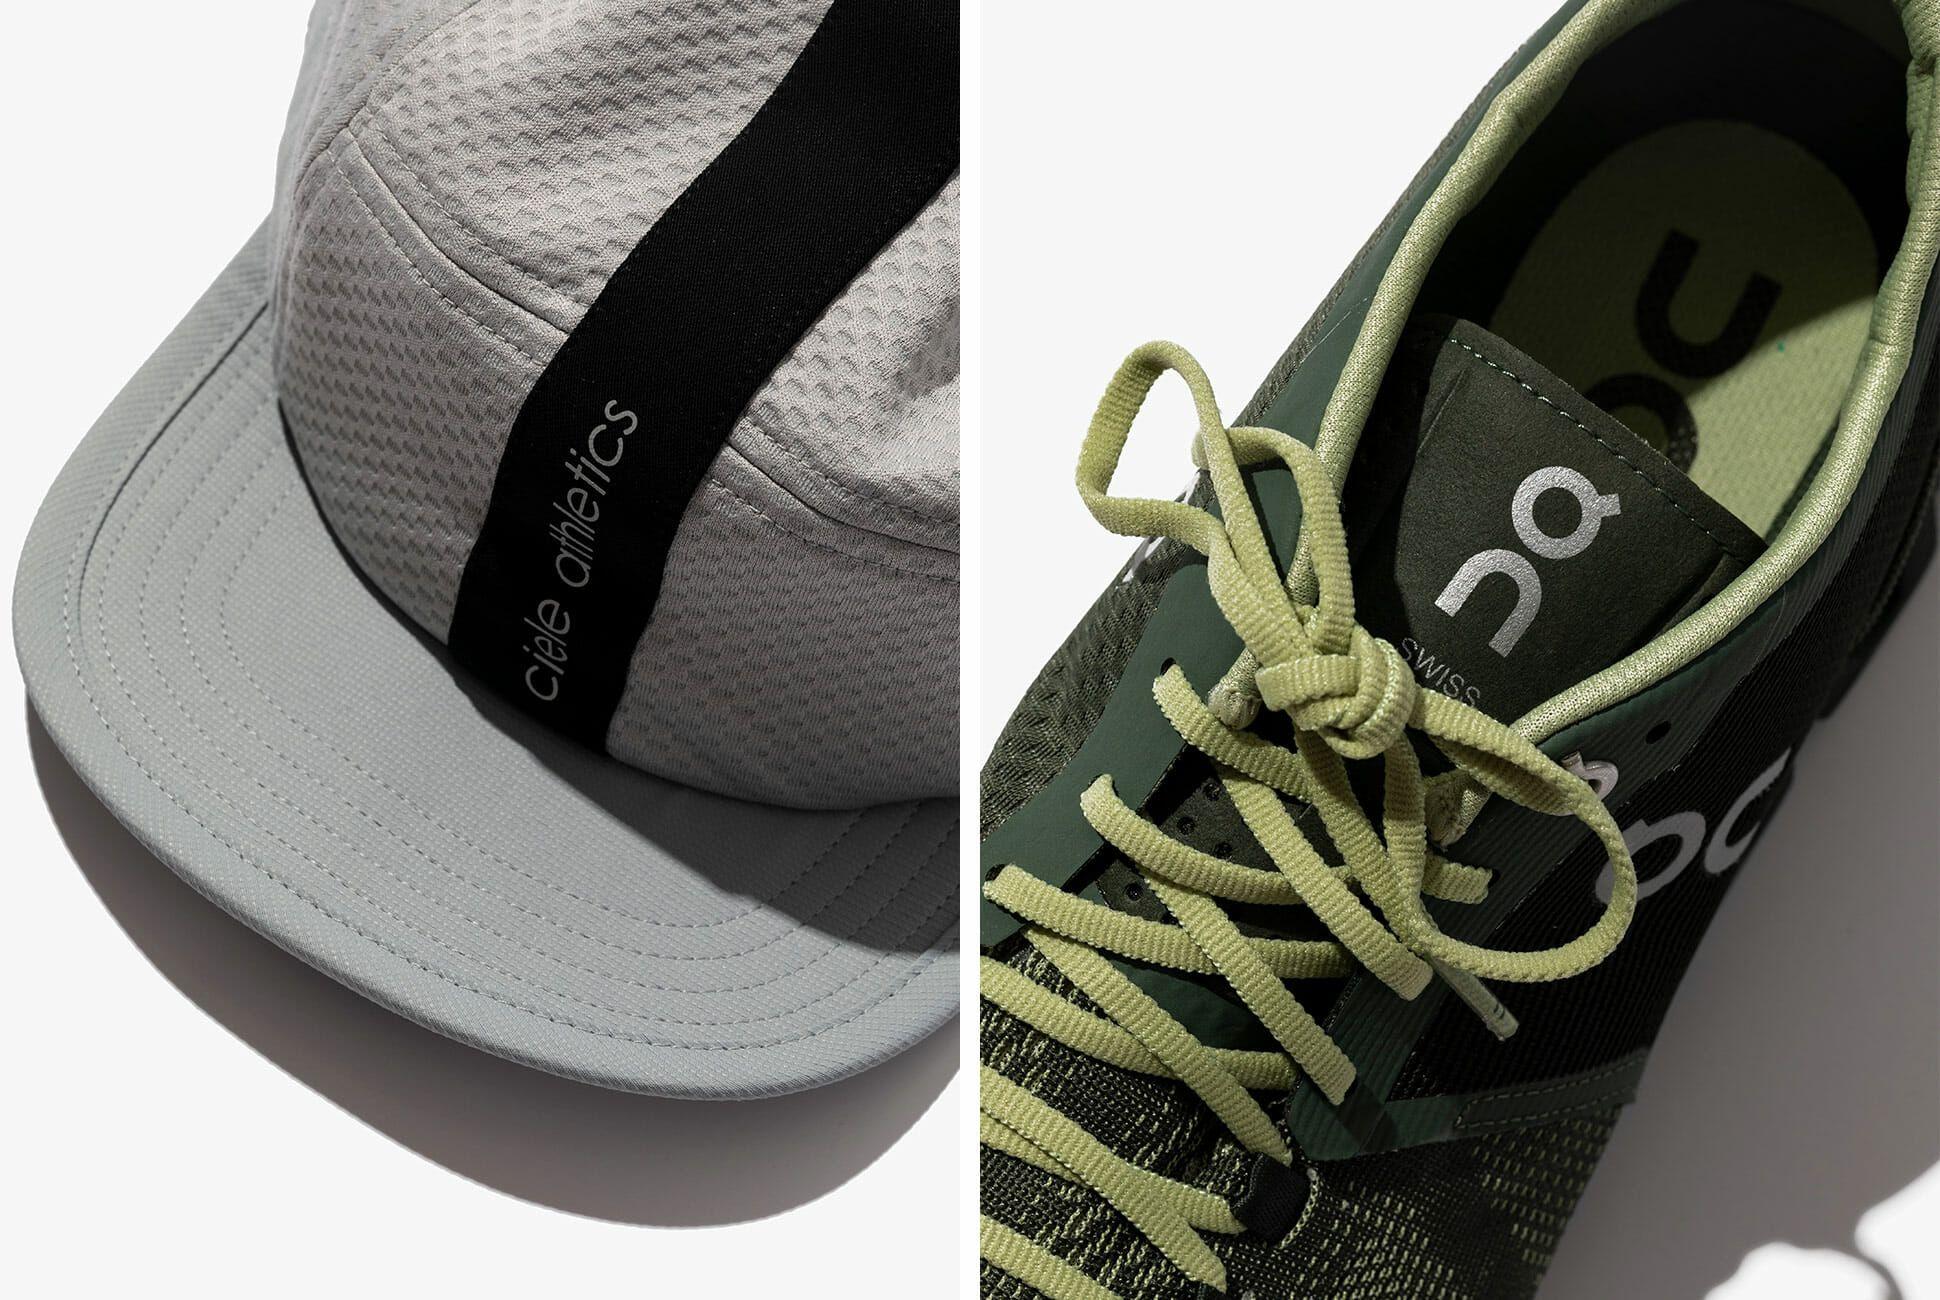 stance-running-essentials-gear-patrol-gear-4